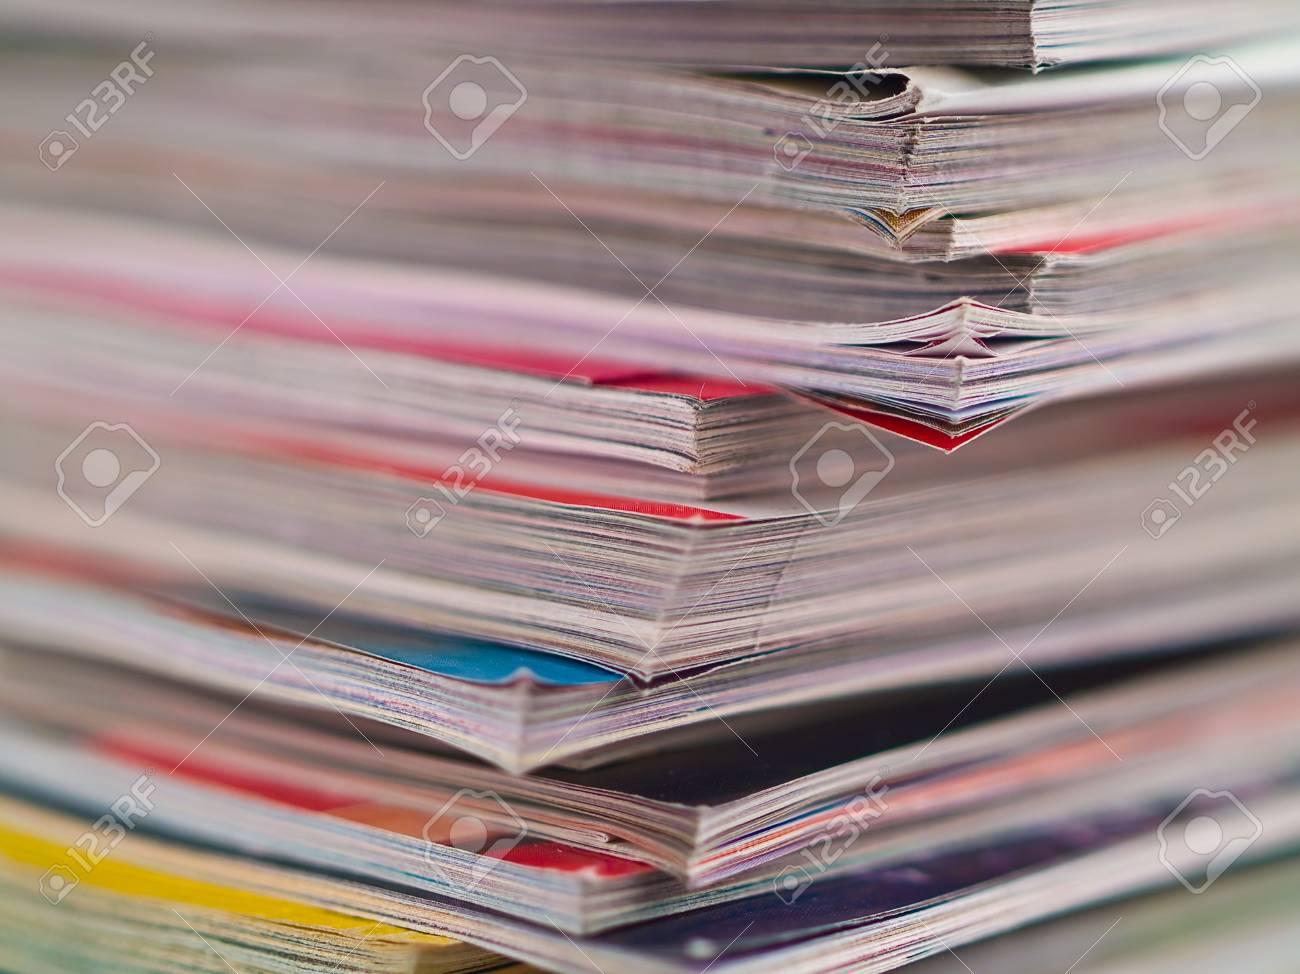 Ein Ungleicher Stapel Zeitschriften-Füllen Der Rahmen Von Oben Nach ...